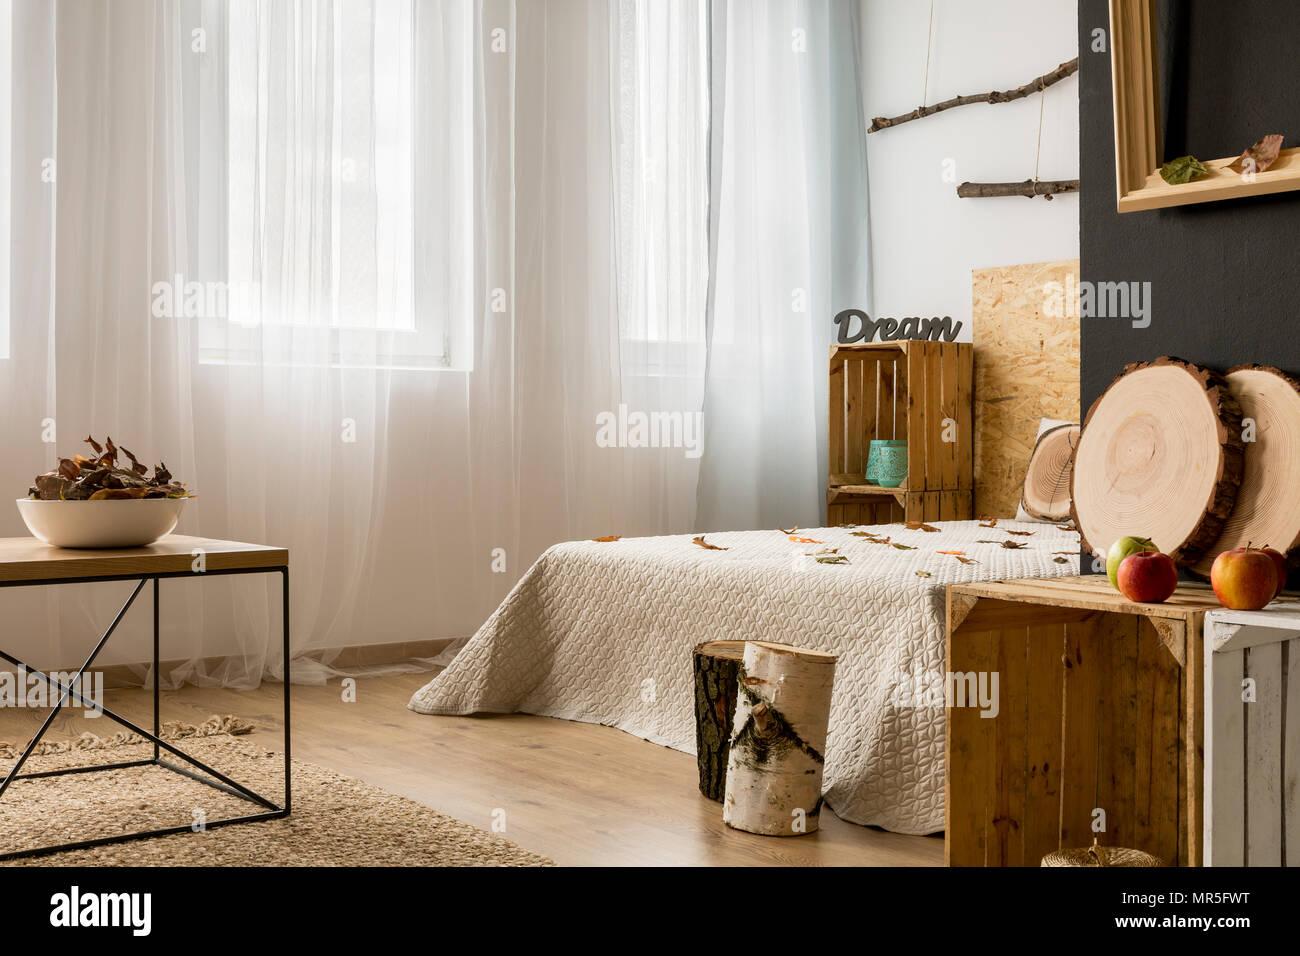 Hellen Schlafzimmer Mit Grossem Bett Und Diy Mobel Stockfoto Bild